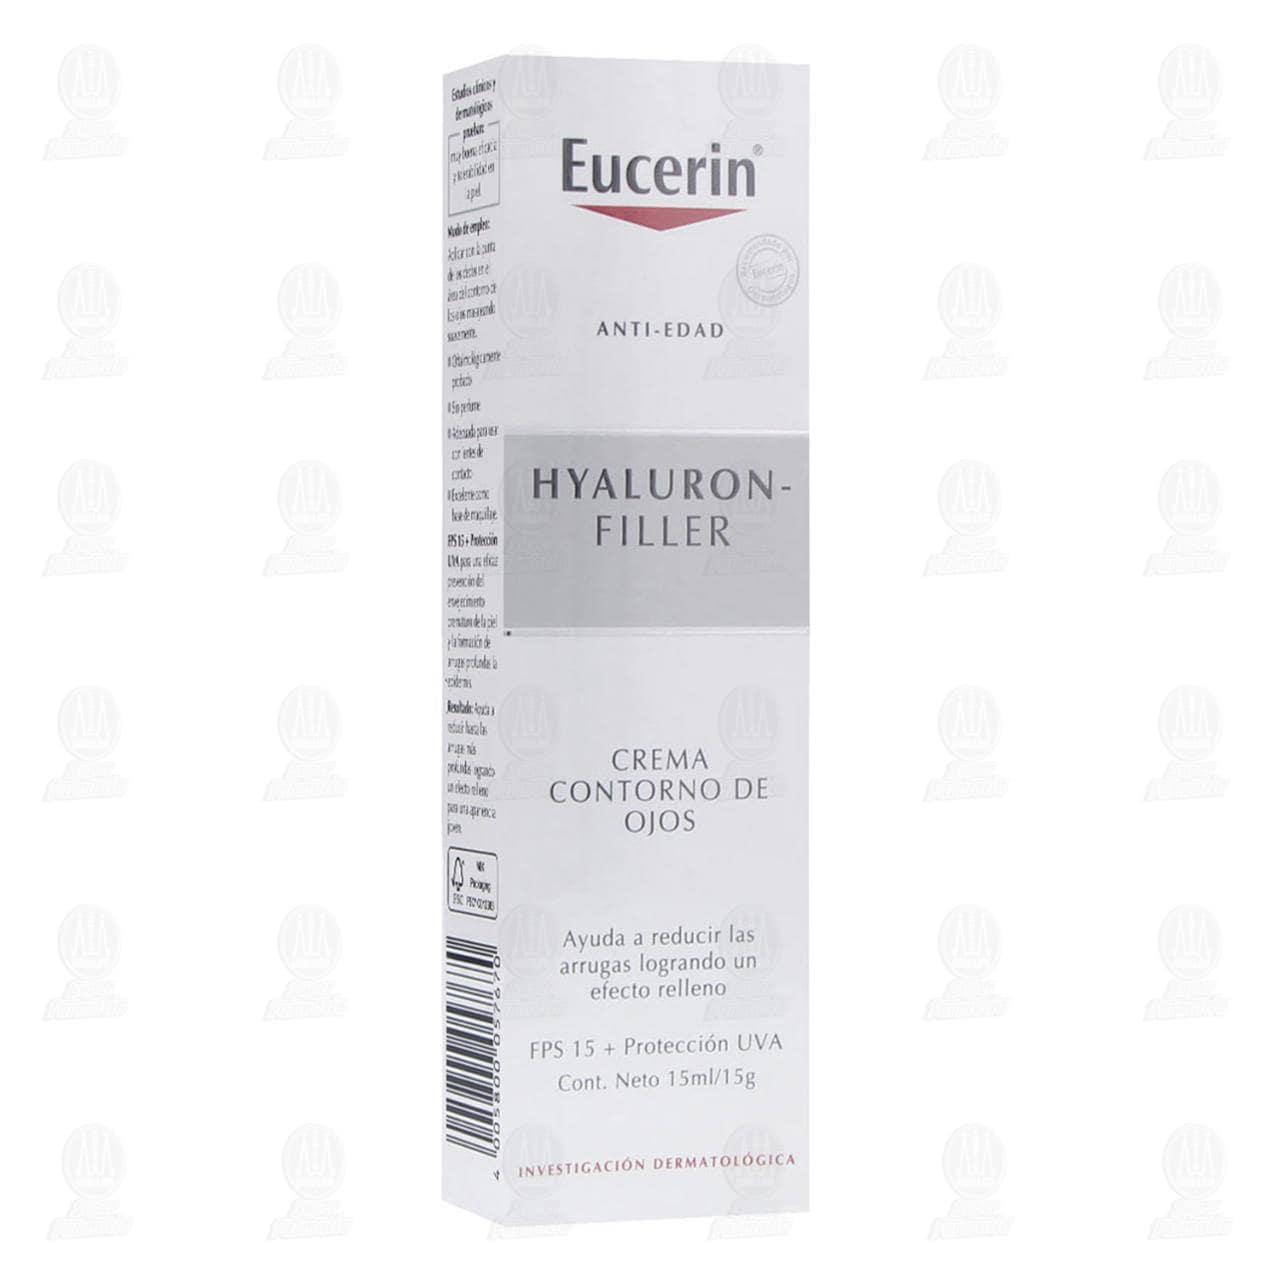 Comprar Eucerin Hyaluron Filler Crema Facial Antiarrugas Ojos, 15ml. en Farmacias Guadalajara